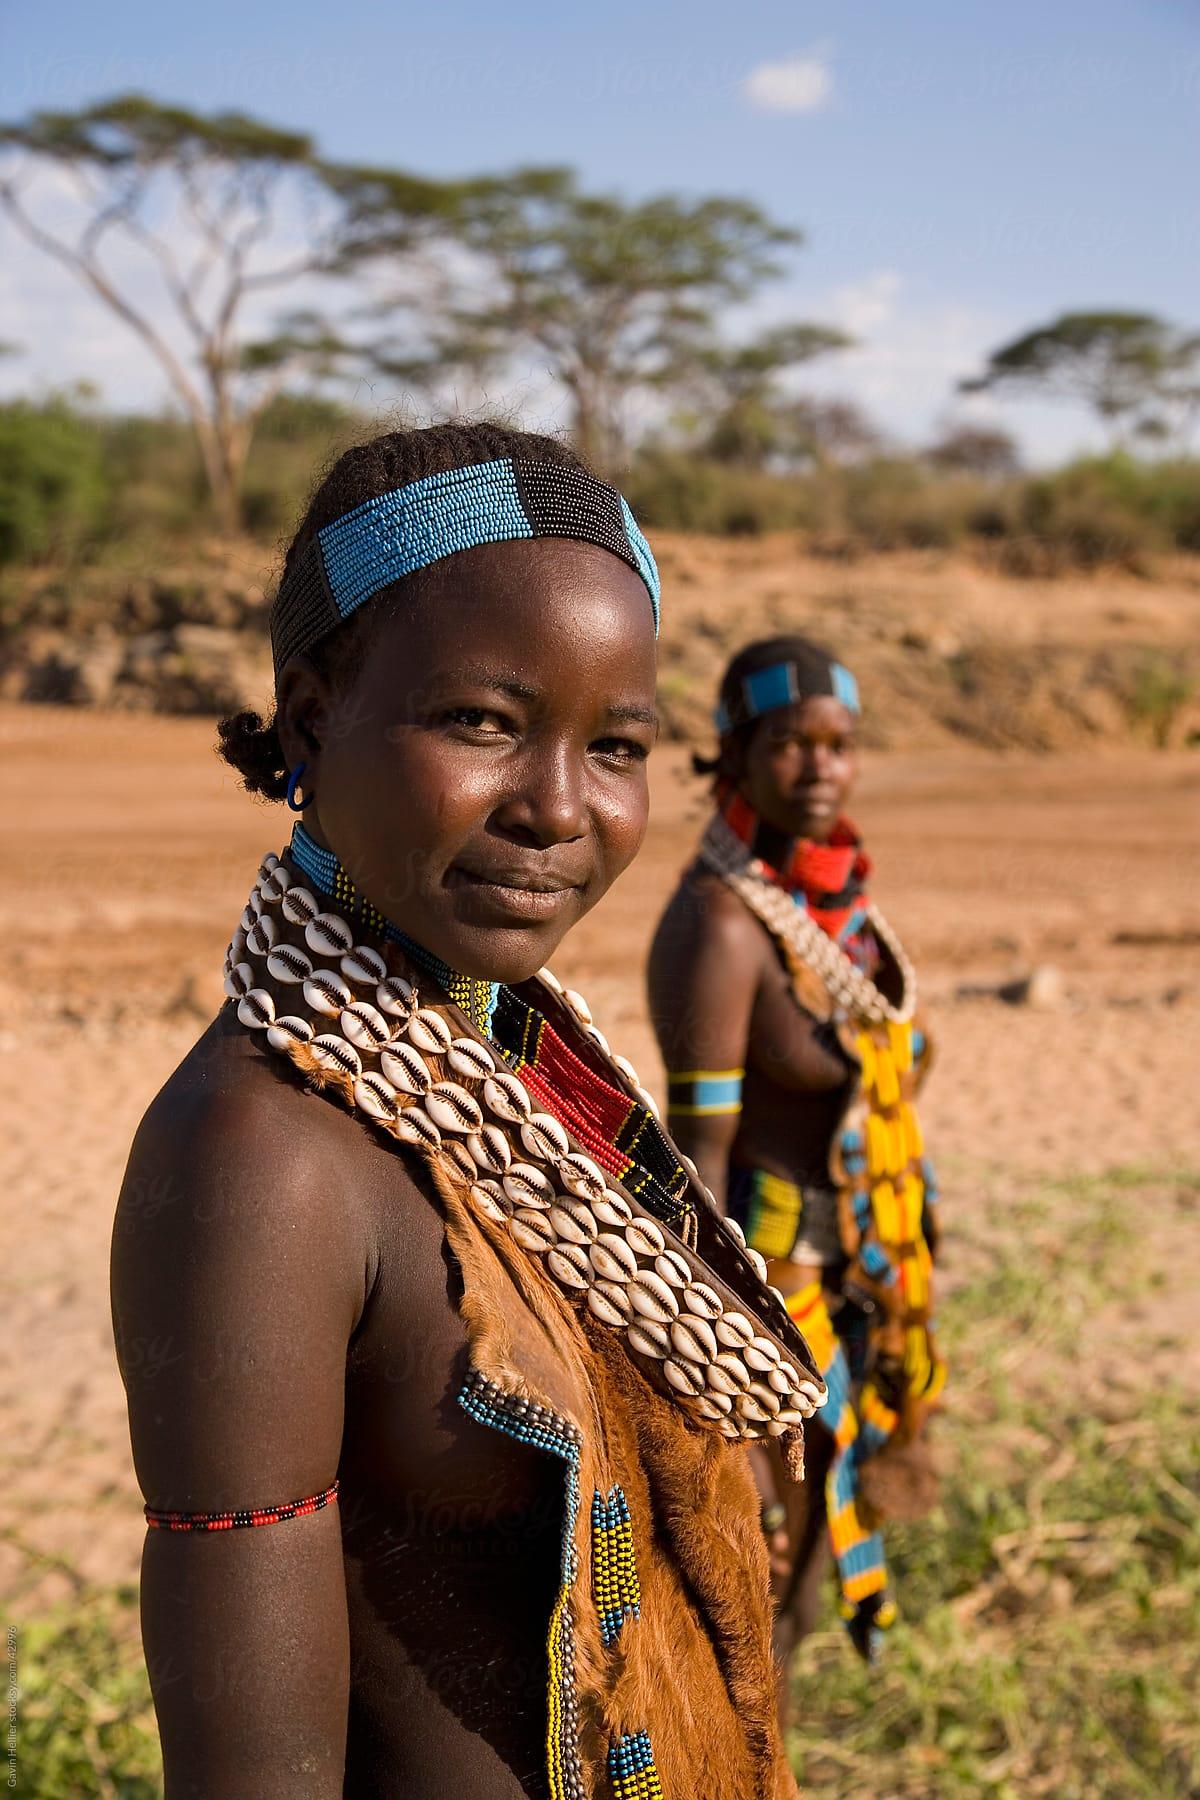 Hamar Daughter | Beautiful children, Ethiopia, African culture